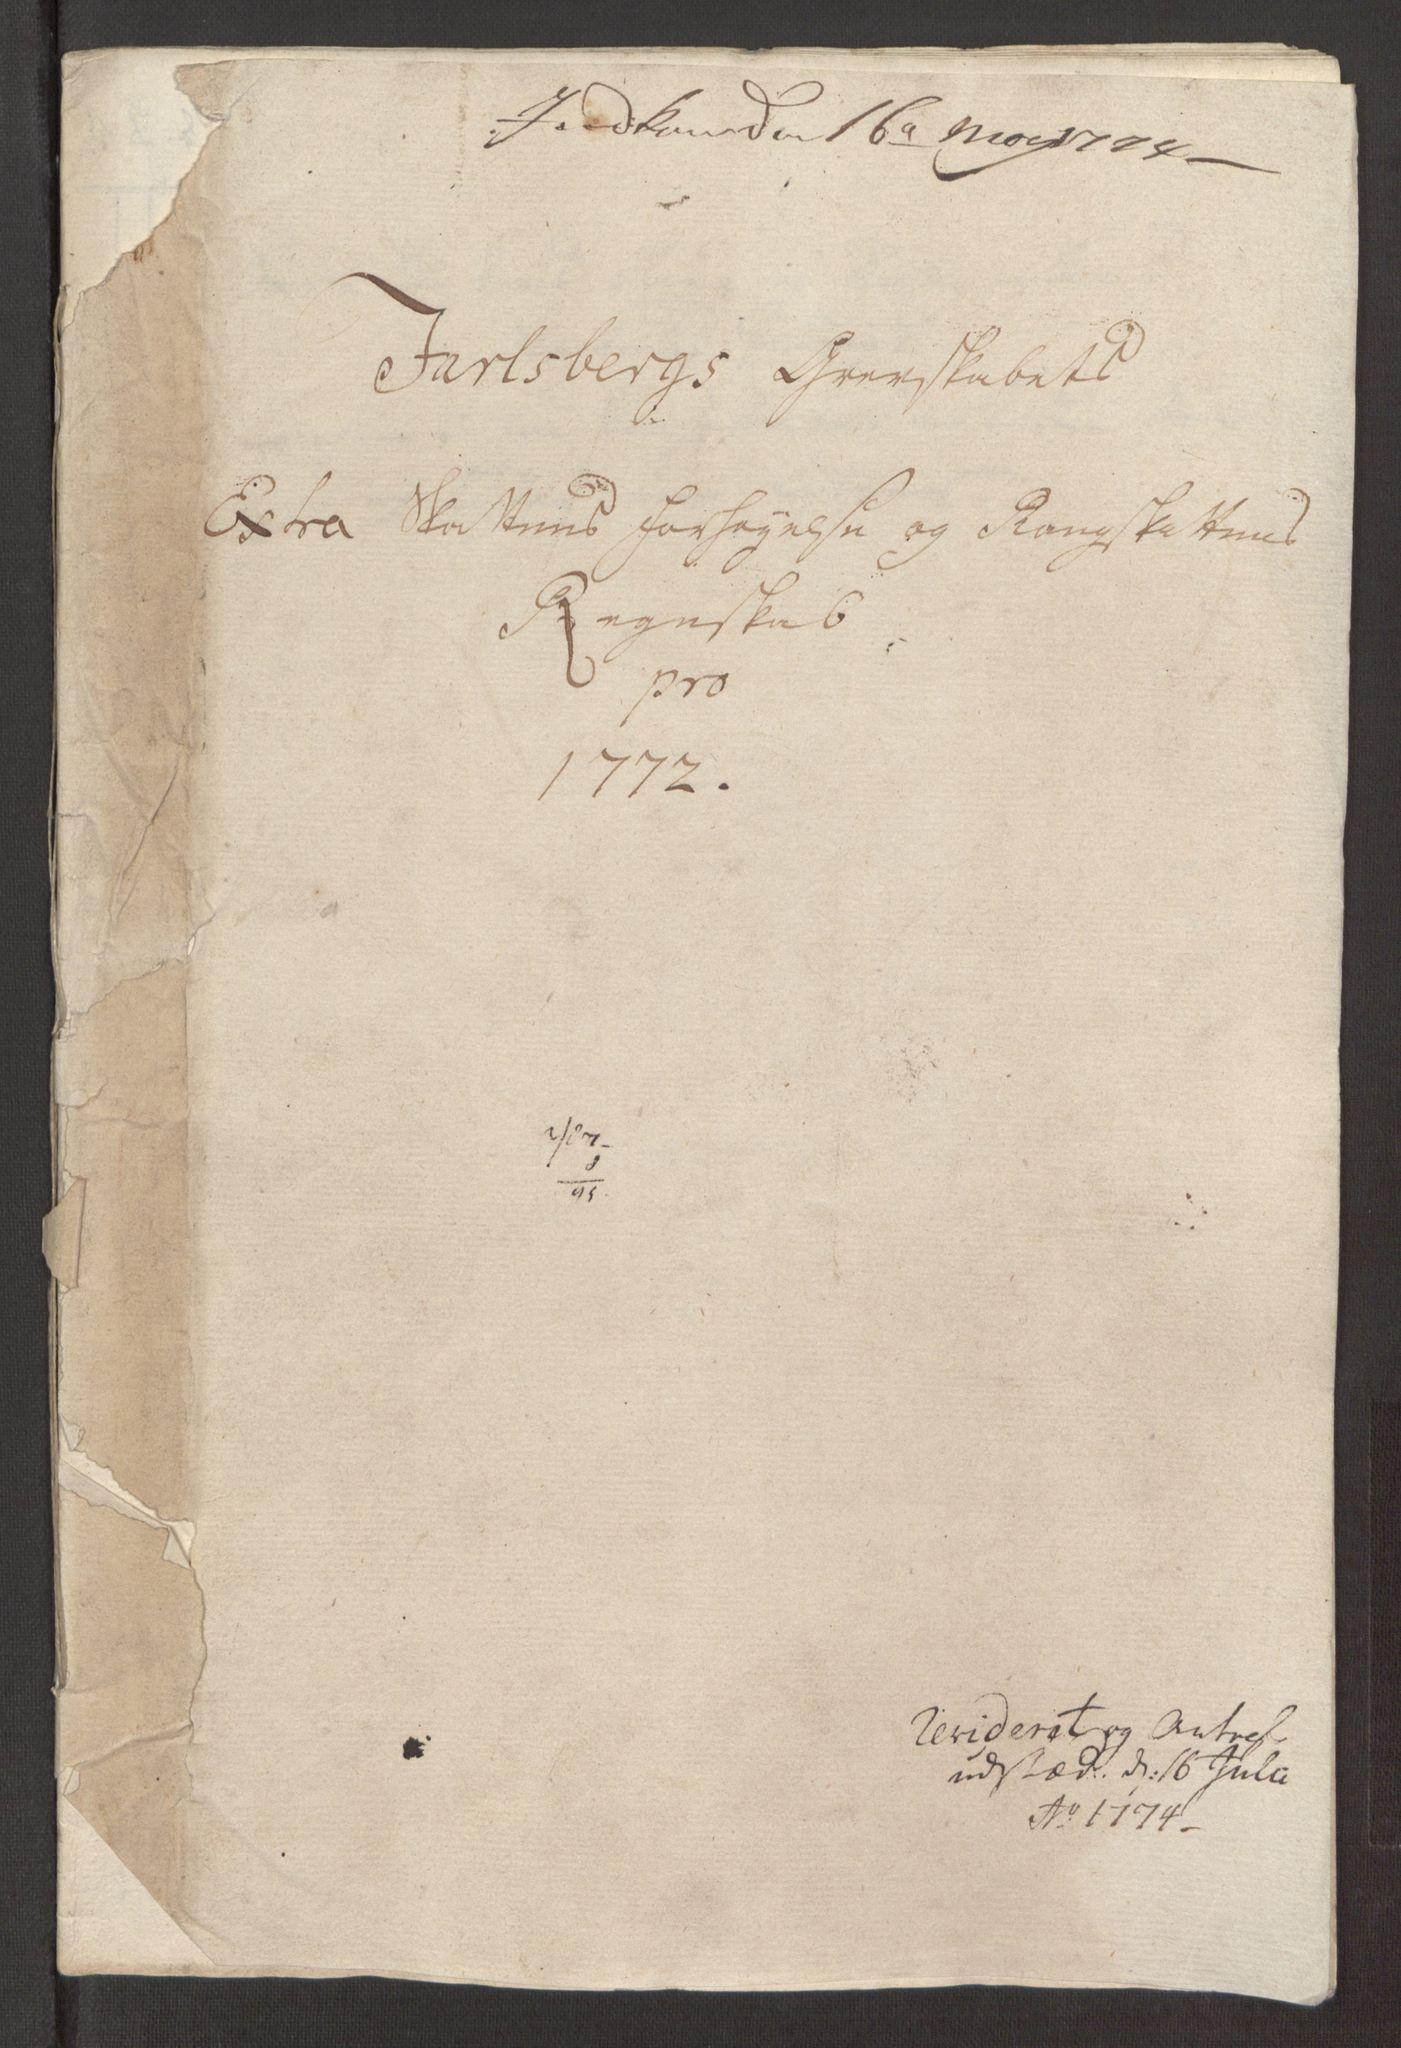 RA, Rentekammeret inntil 1814, Reviderte regnskaper, Fogderegnskap, R32/L1960: Ekstraskatten Jarlsberg grevskap, 1762-1772, s. 219